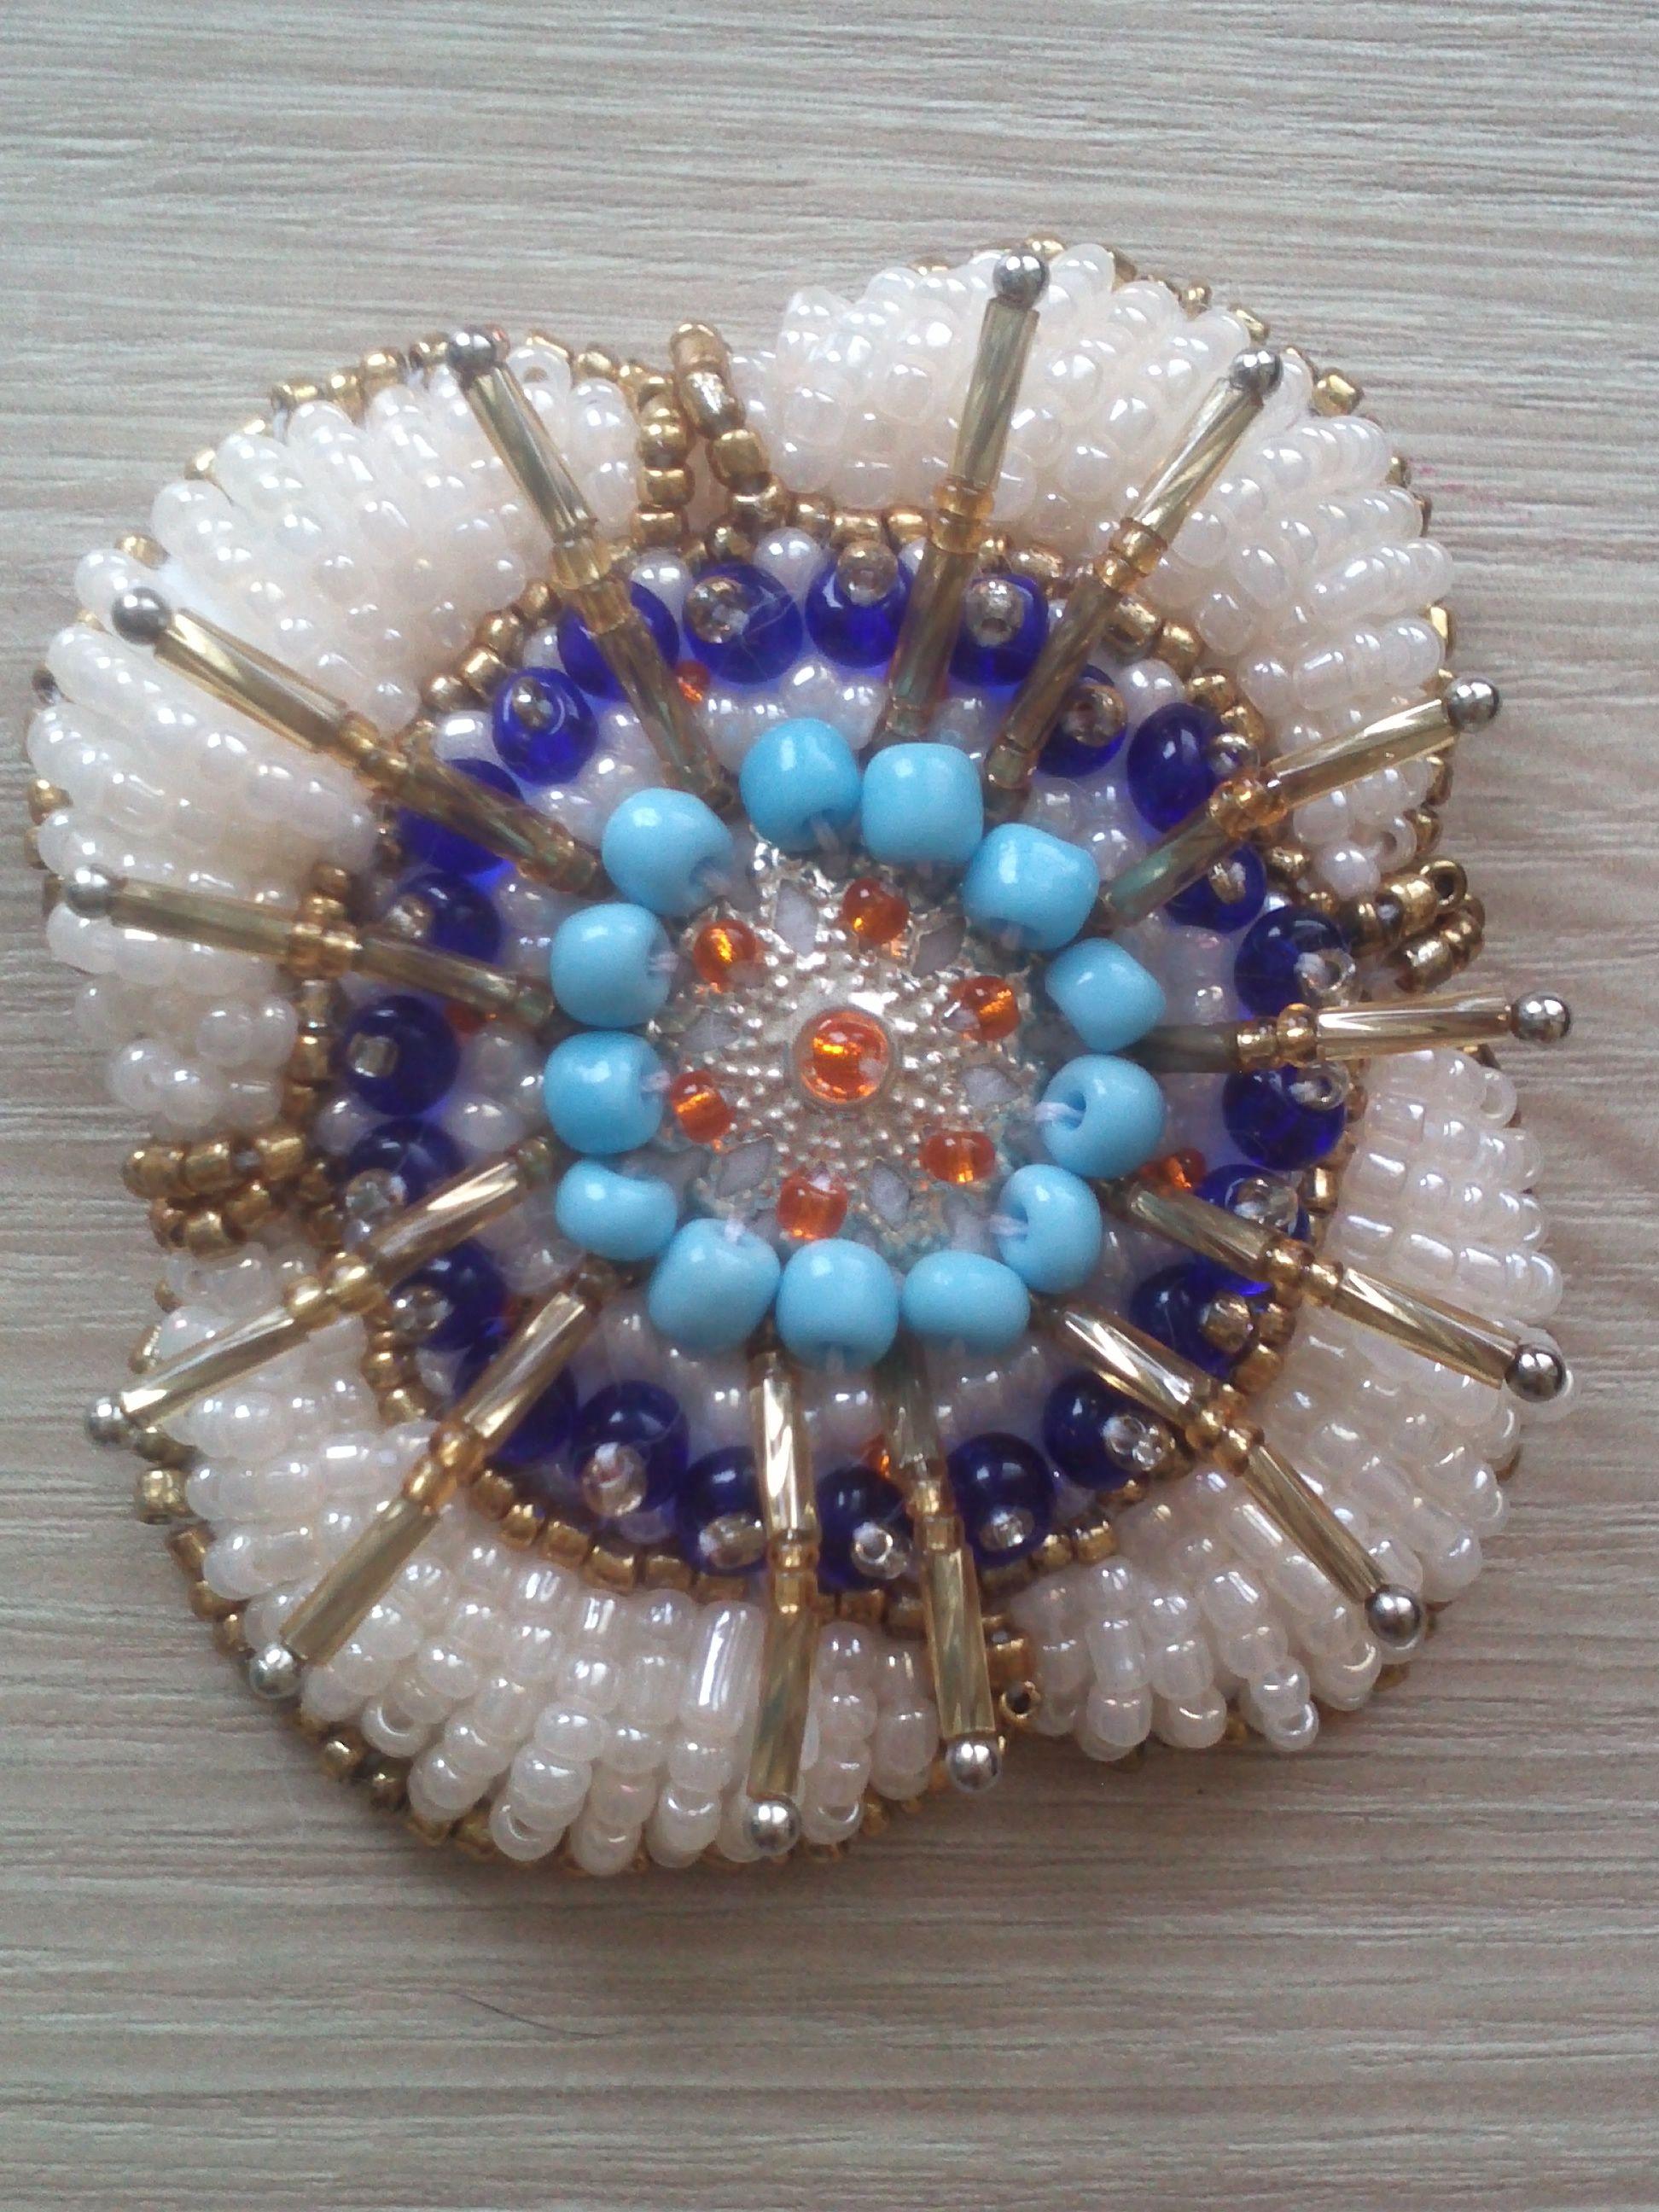 Pin by lyudmila boyarskaya on myhandmade pinterest